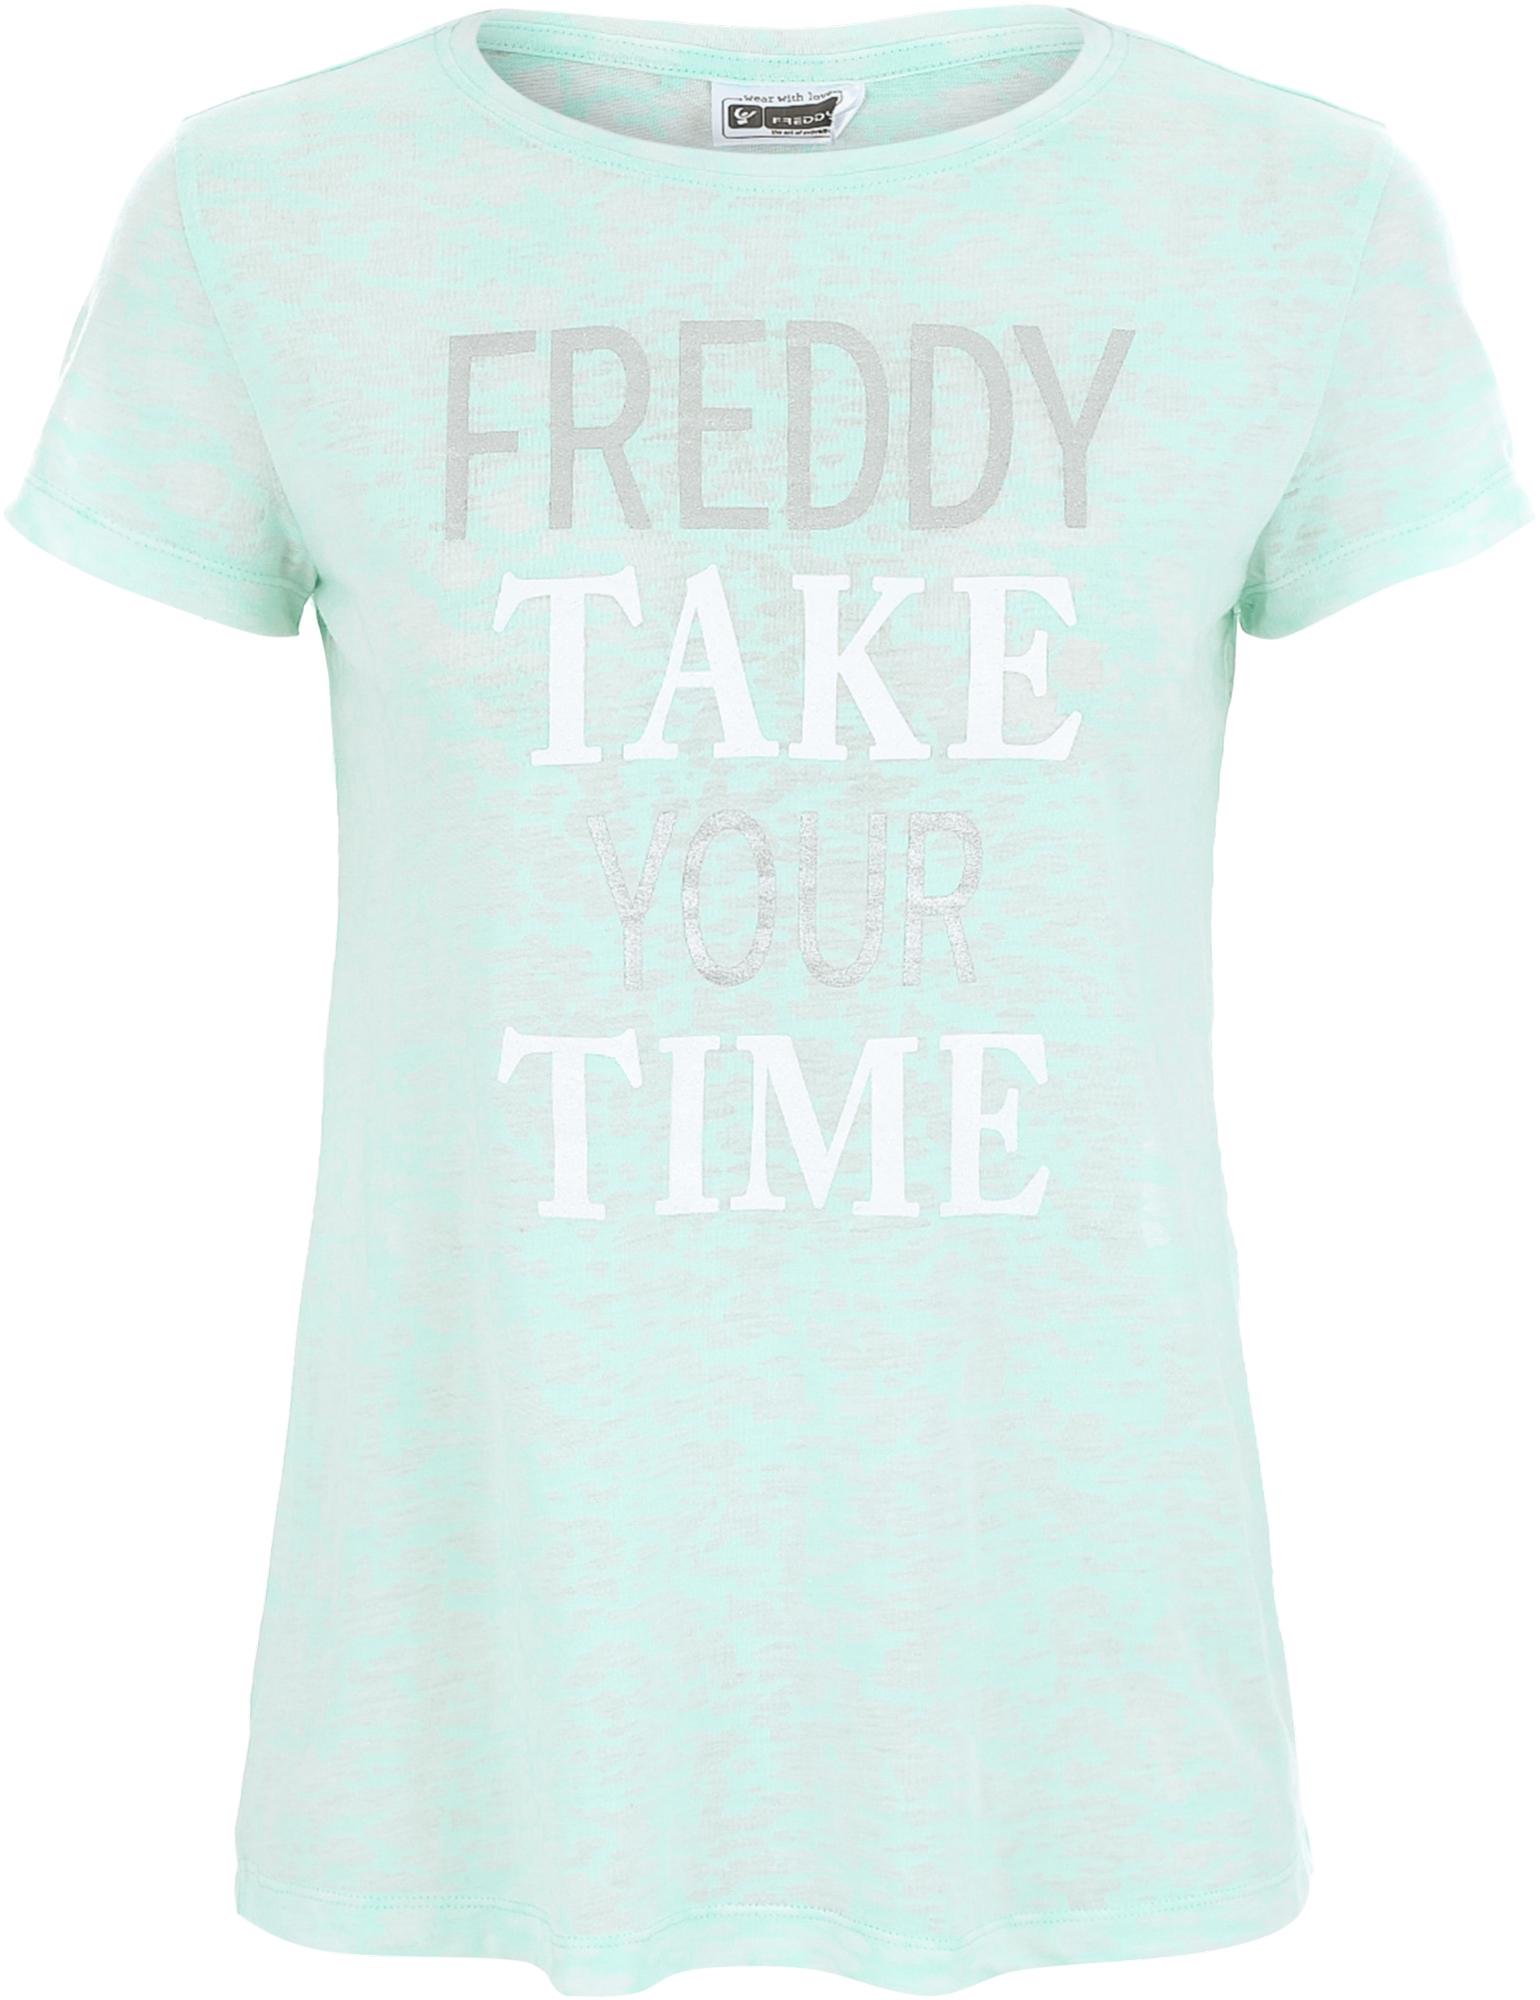 Freddy Футболка женская Freddy College, размер 48-50